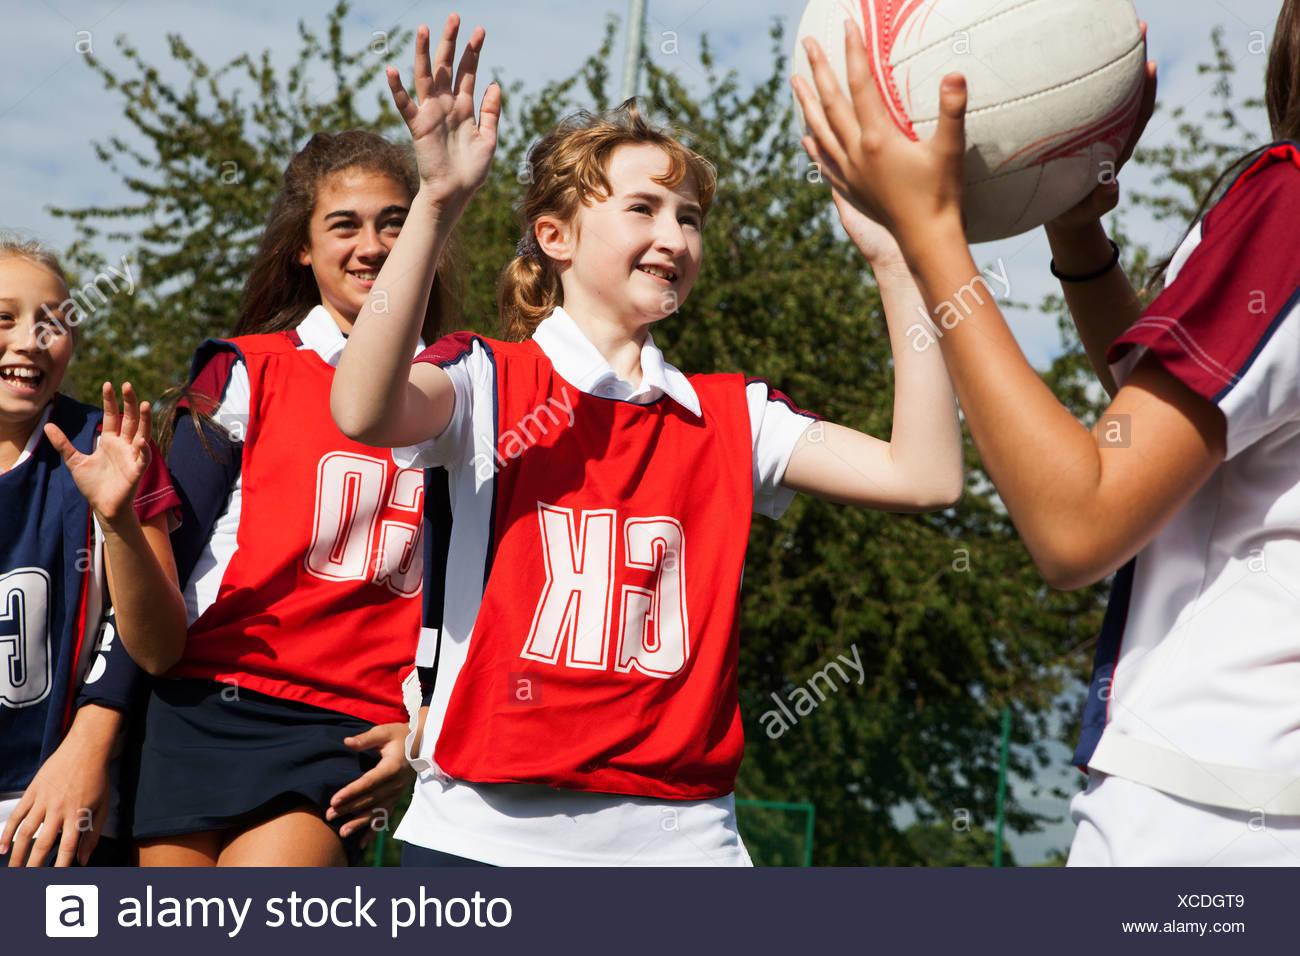 Jugadores de baloncesto colegiala defender Imagen De Stock